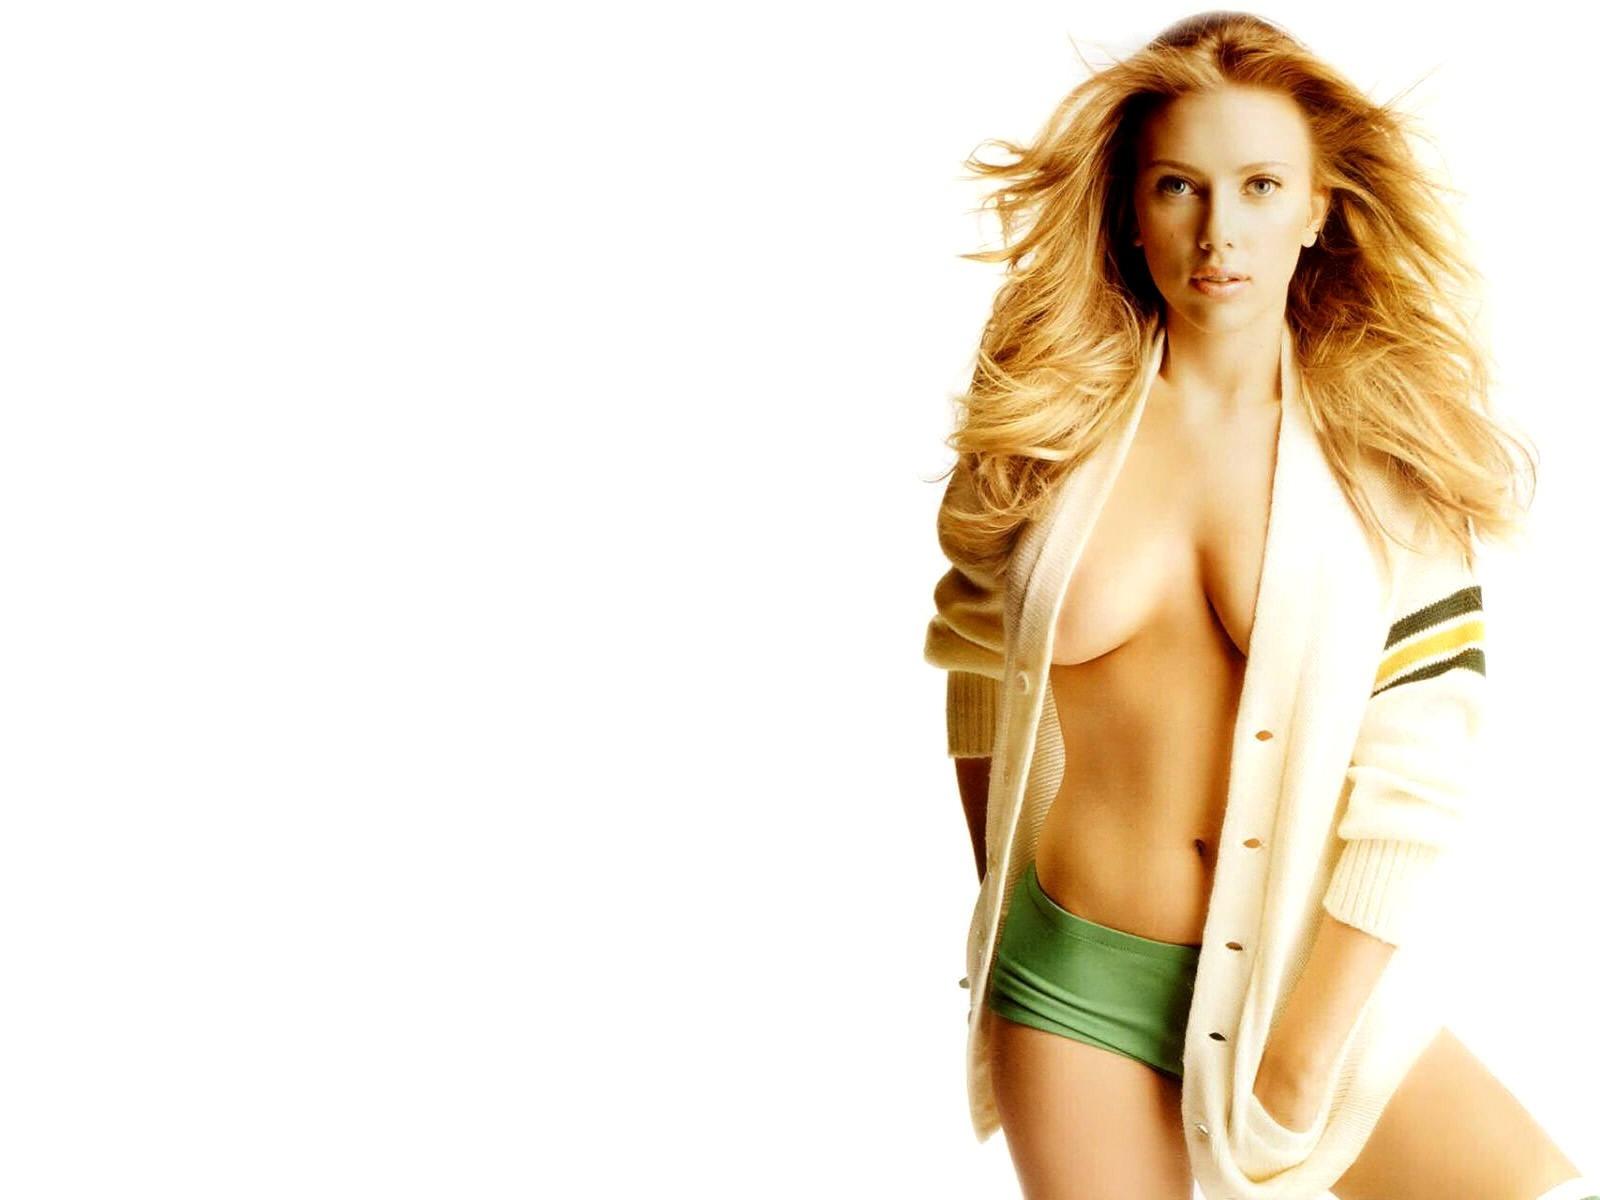 Wallpaper di Scarlett Johansson a seno nudo